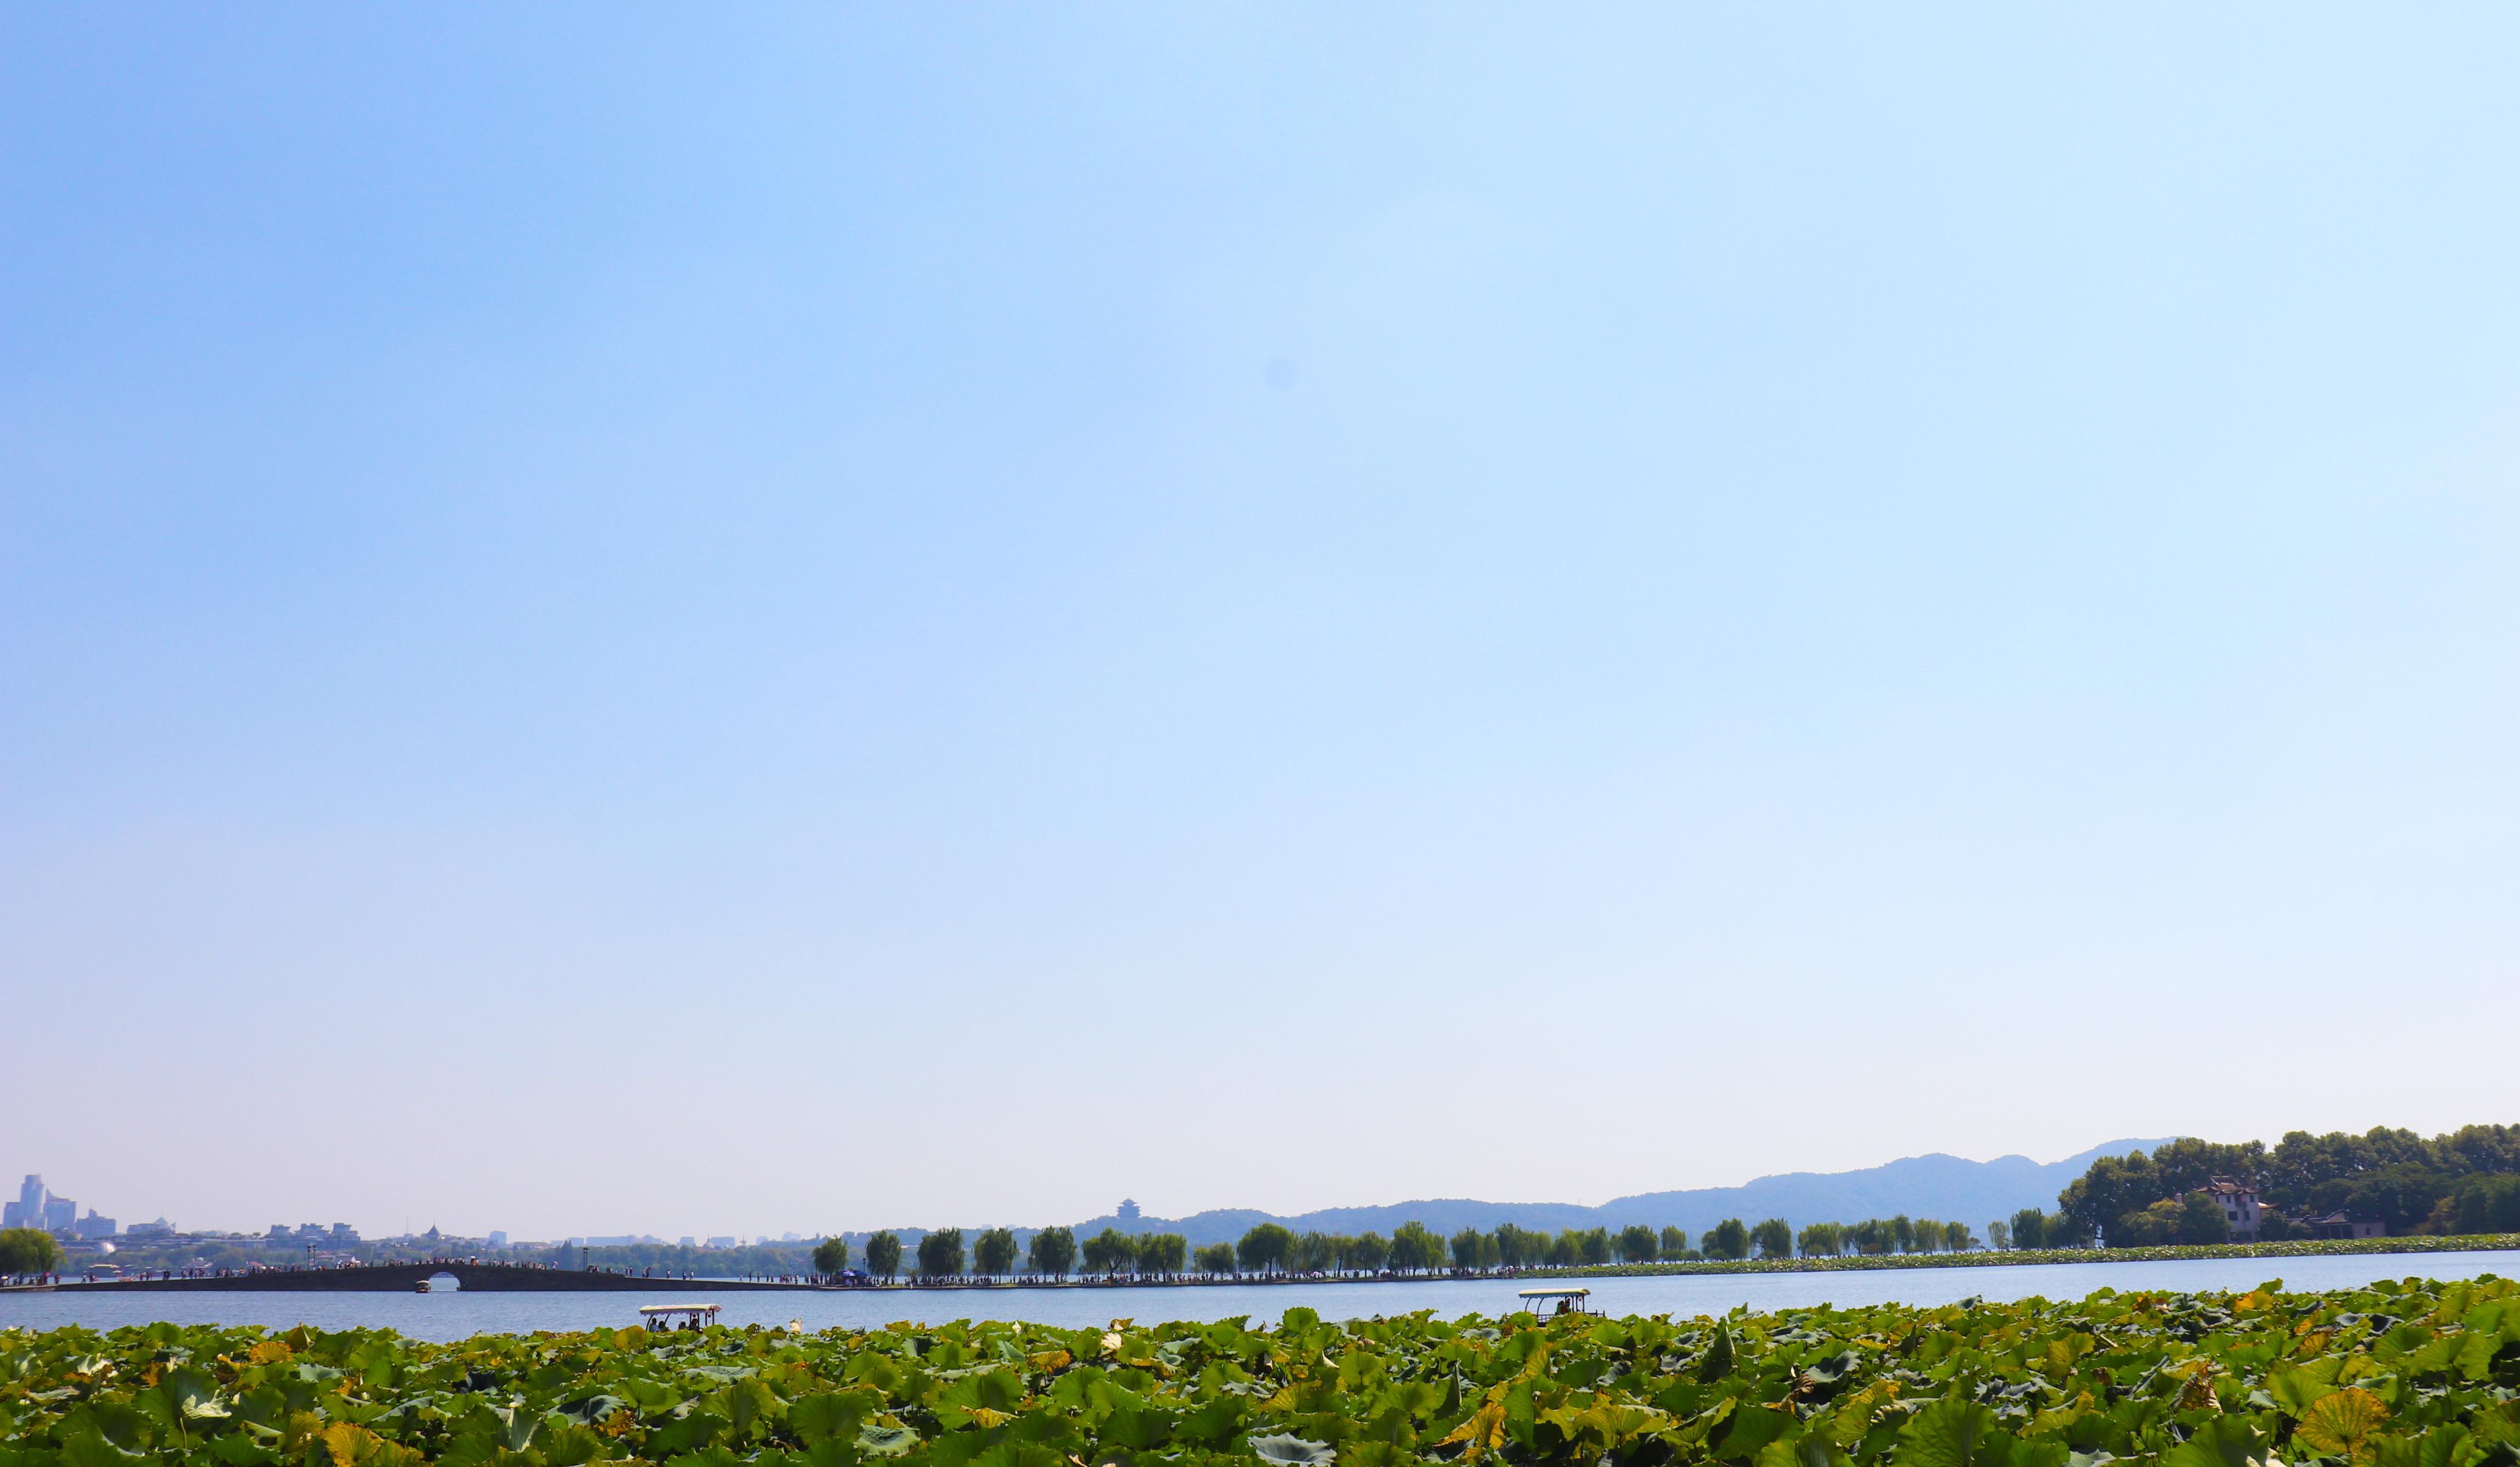 江蘇省《釀造工業水污染物排放標準》征求意見